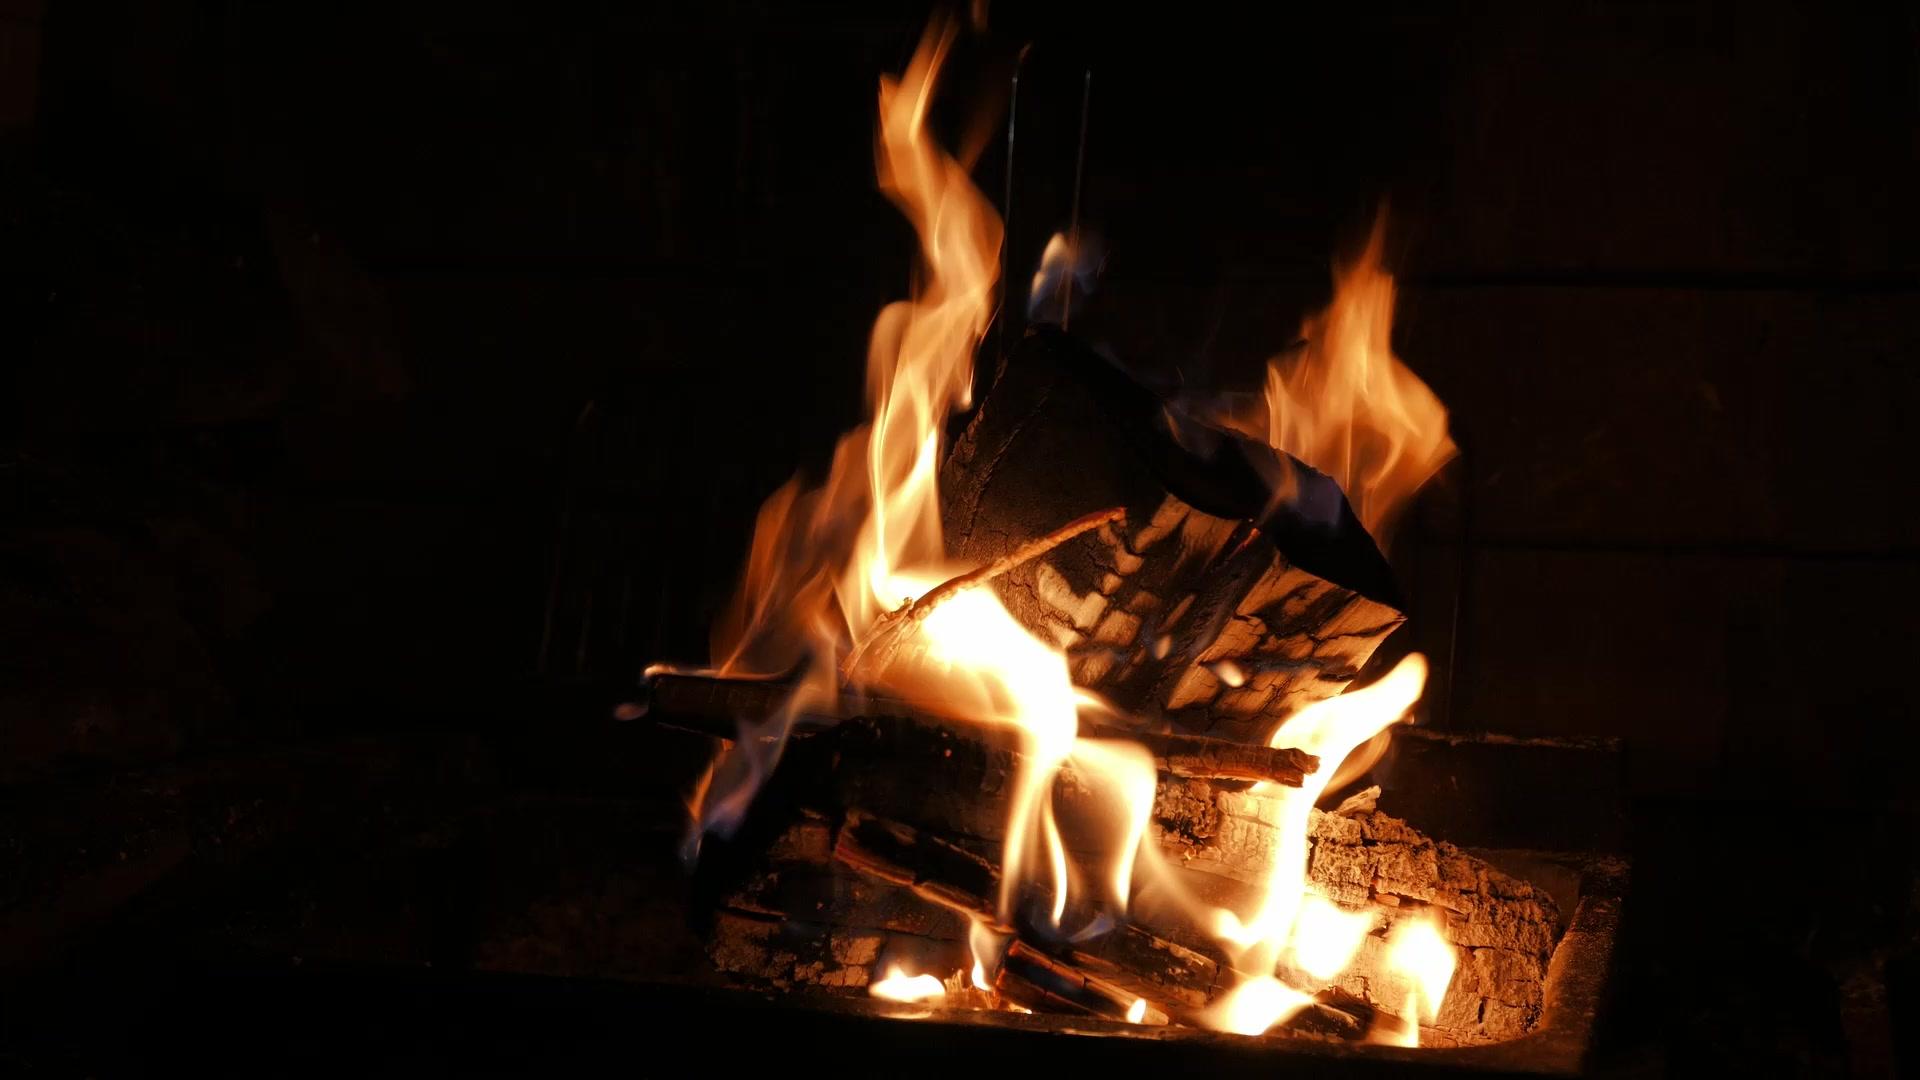 Blaze: chimenea virtual 4K: Amazon.es: Amazon.es